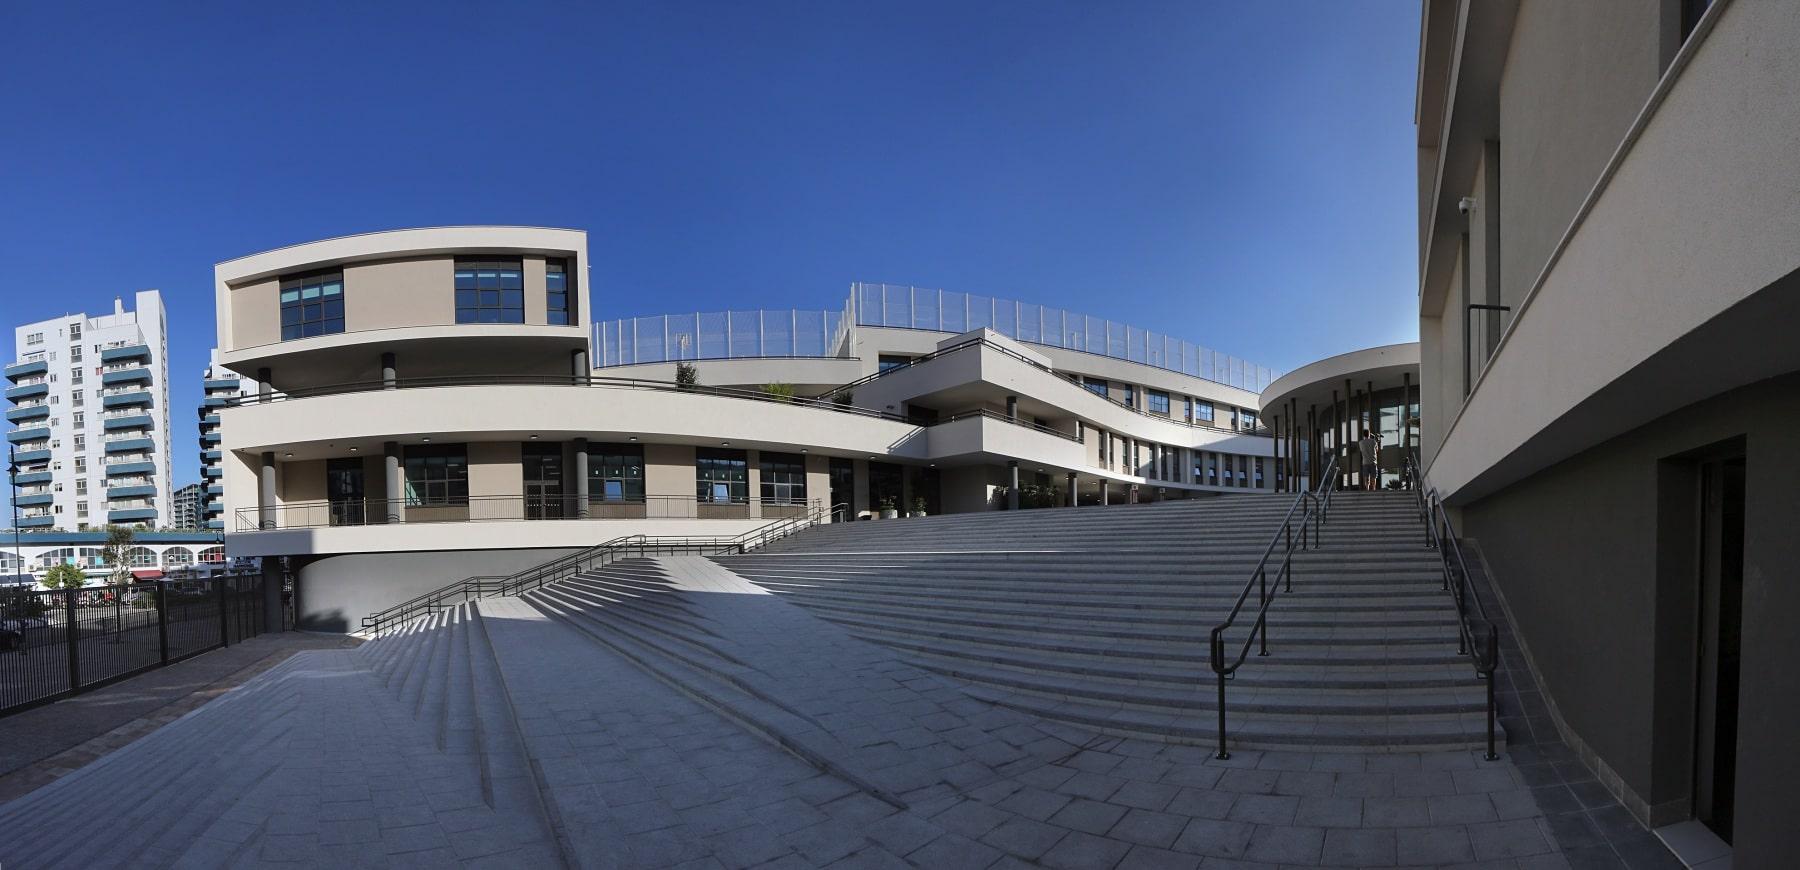 bayside-panorama6_48801280096_o